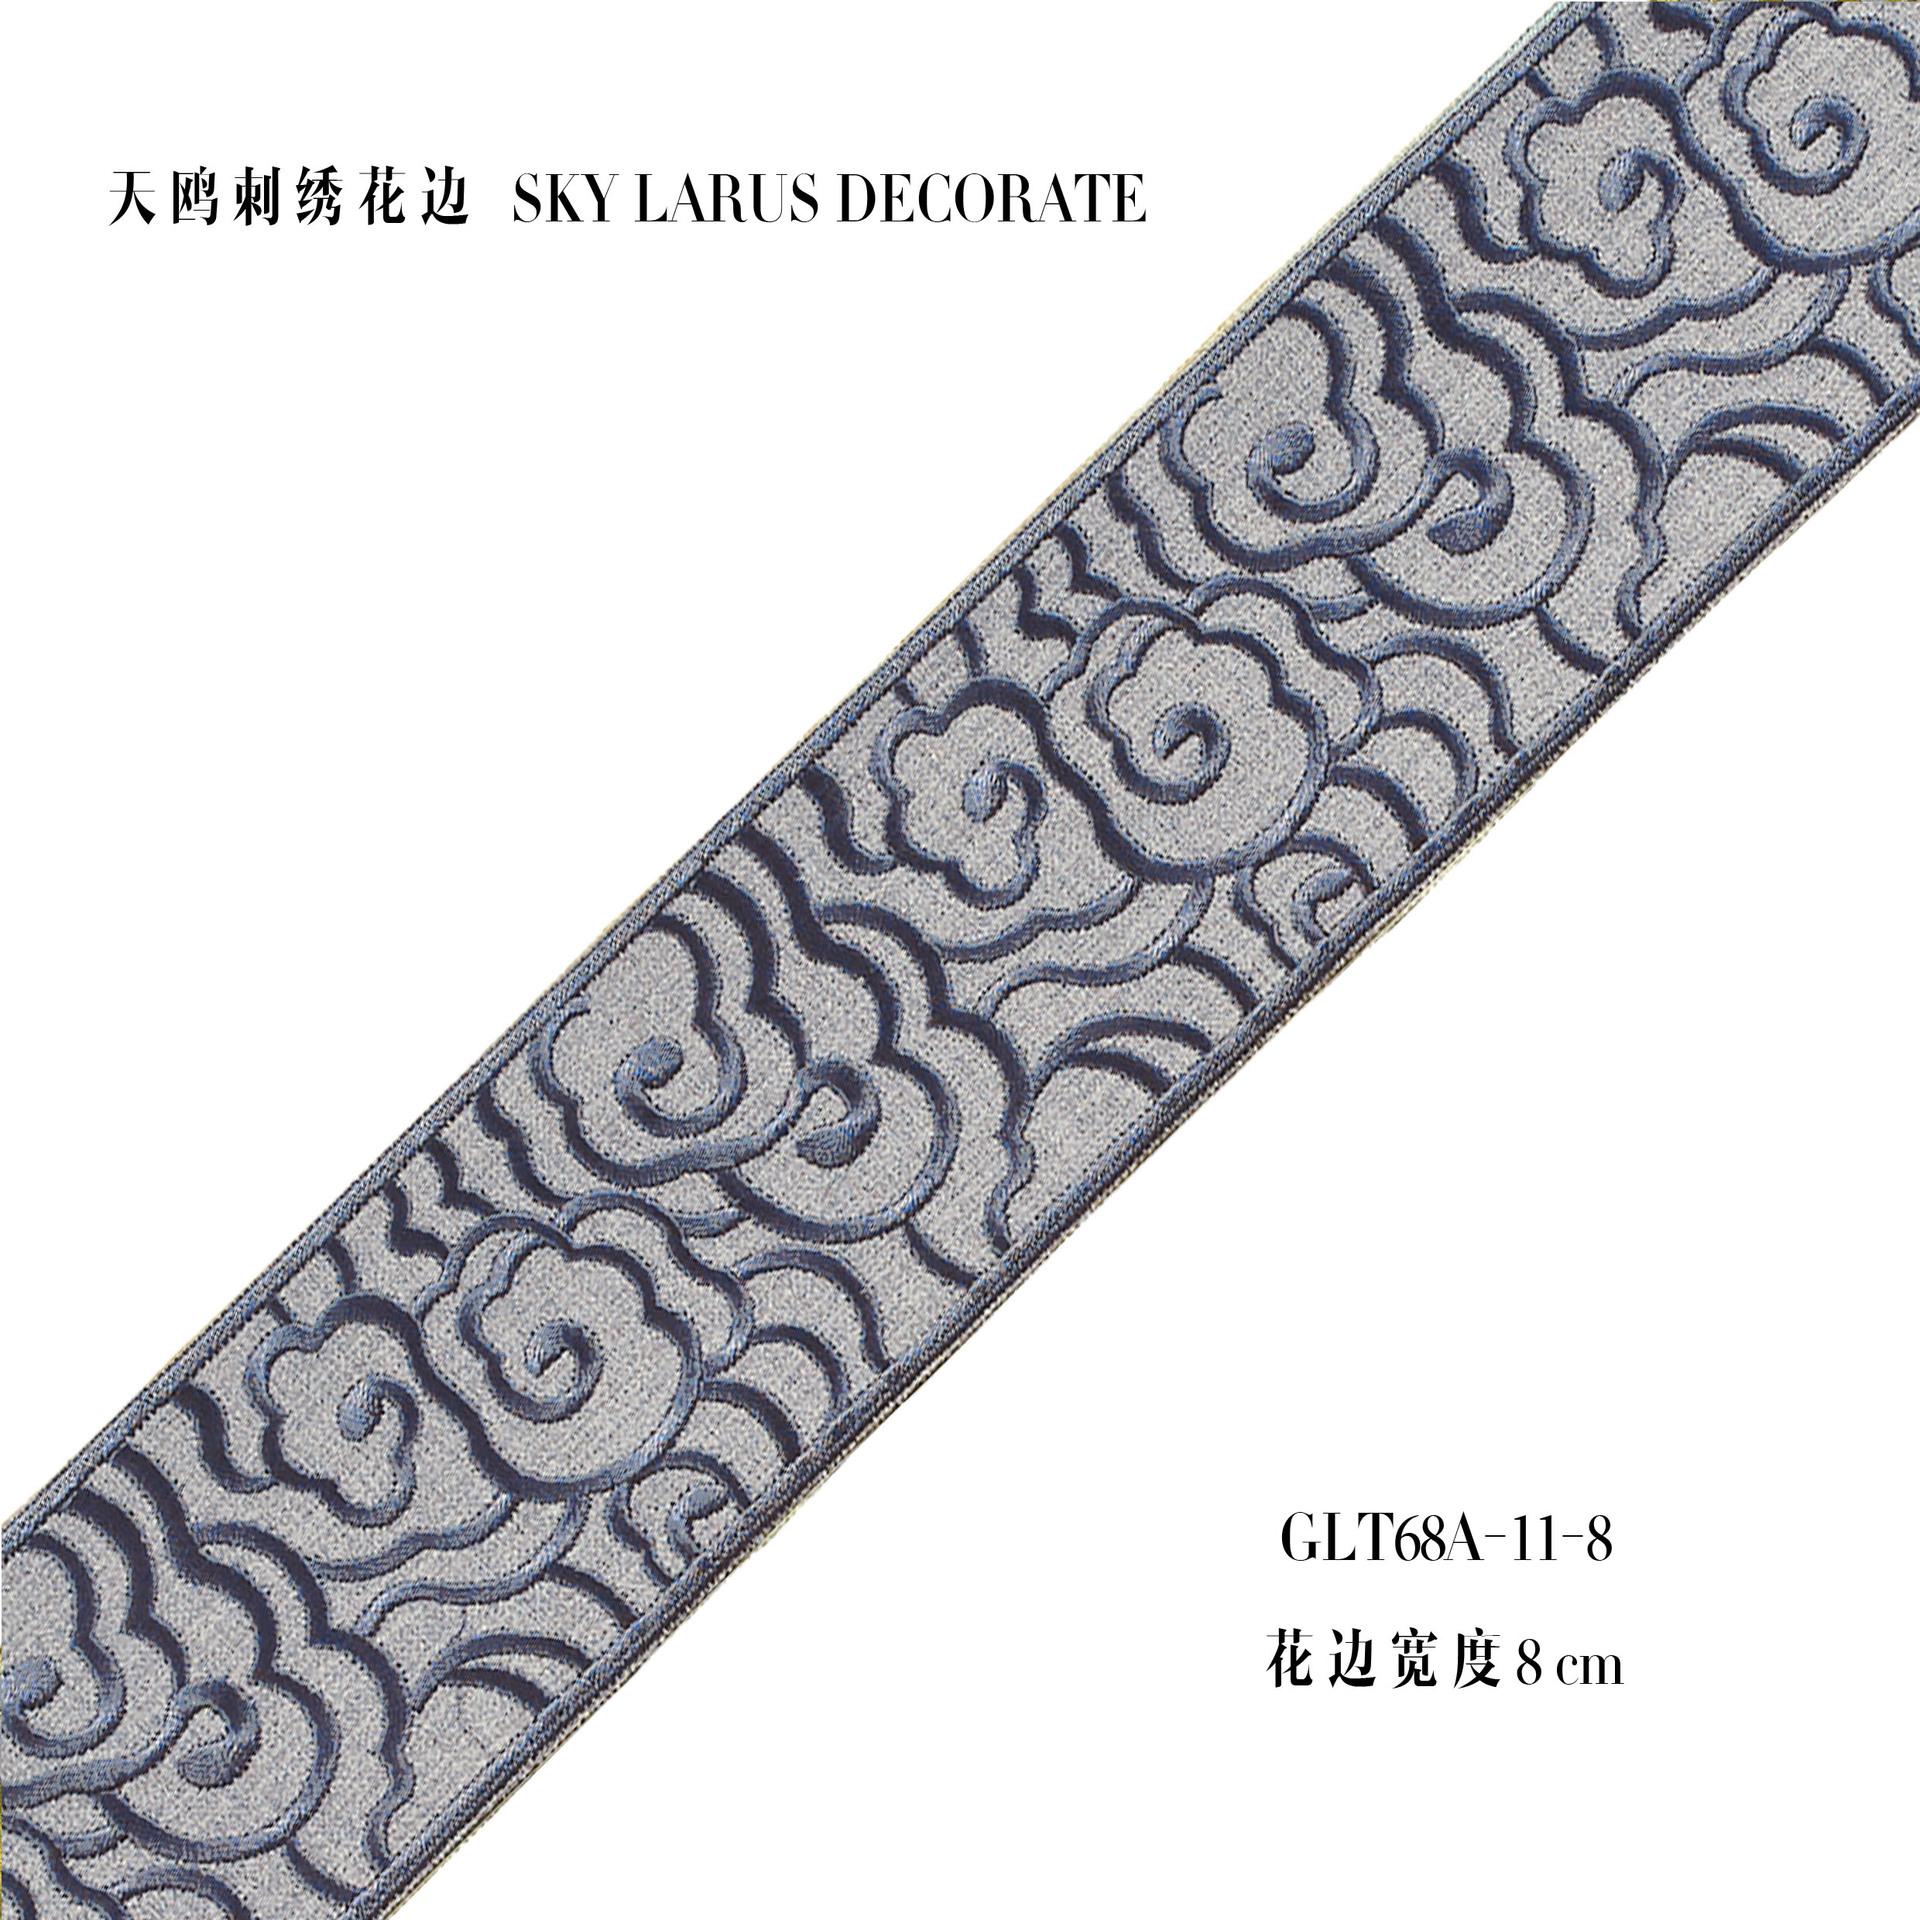 TIANOU Dây cột rèm Nhà máy thêu ren bán hàng trực tiếp Trung Quốc Xiangyun vải rèm gối Hanfu phụ kiệ